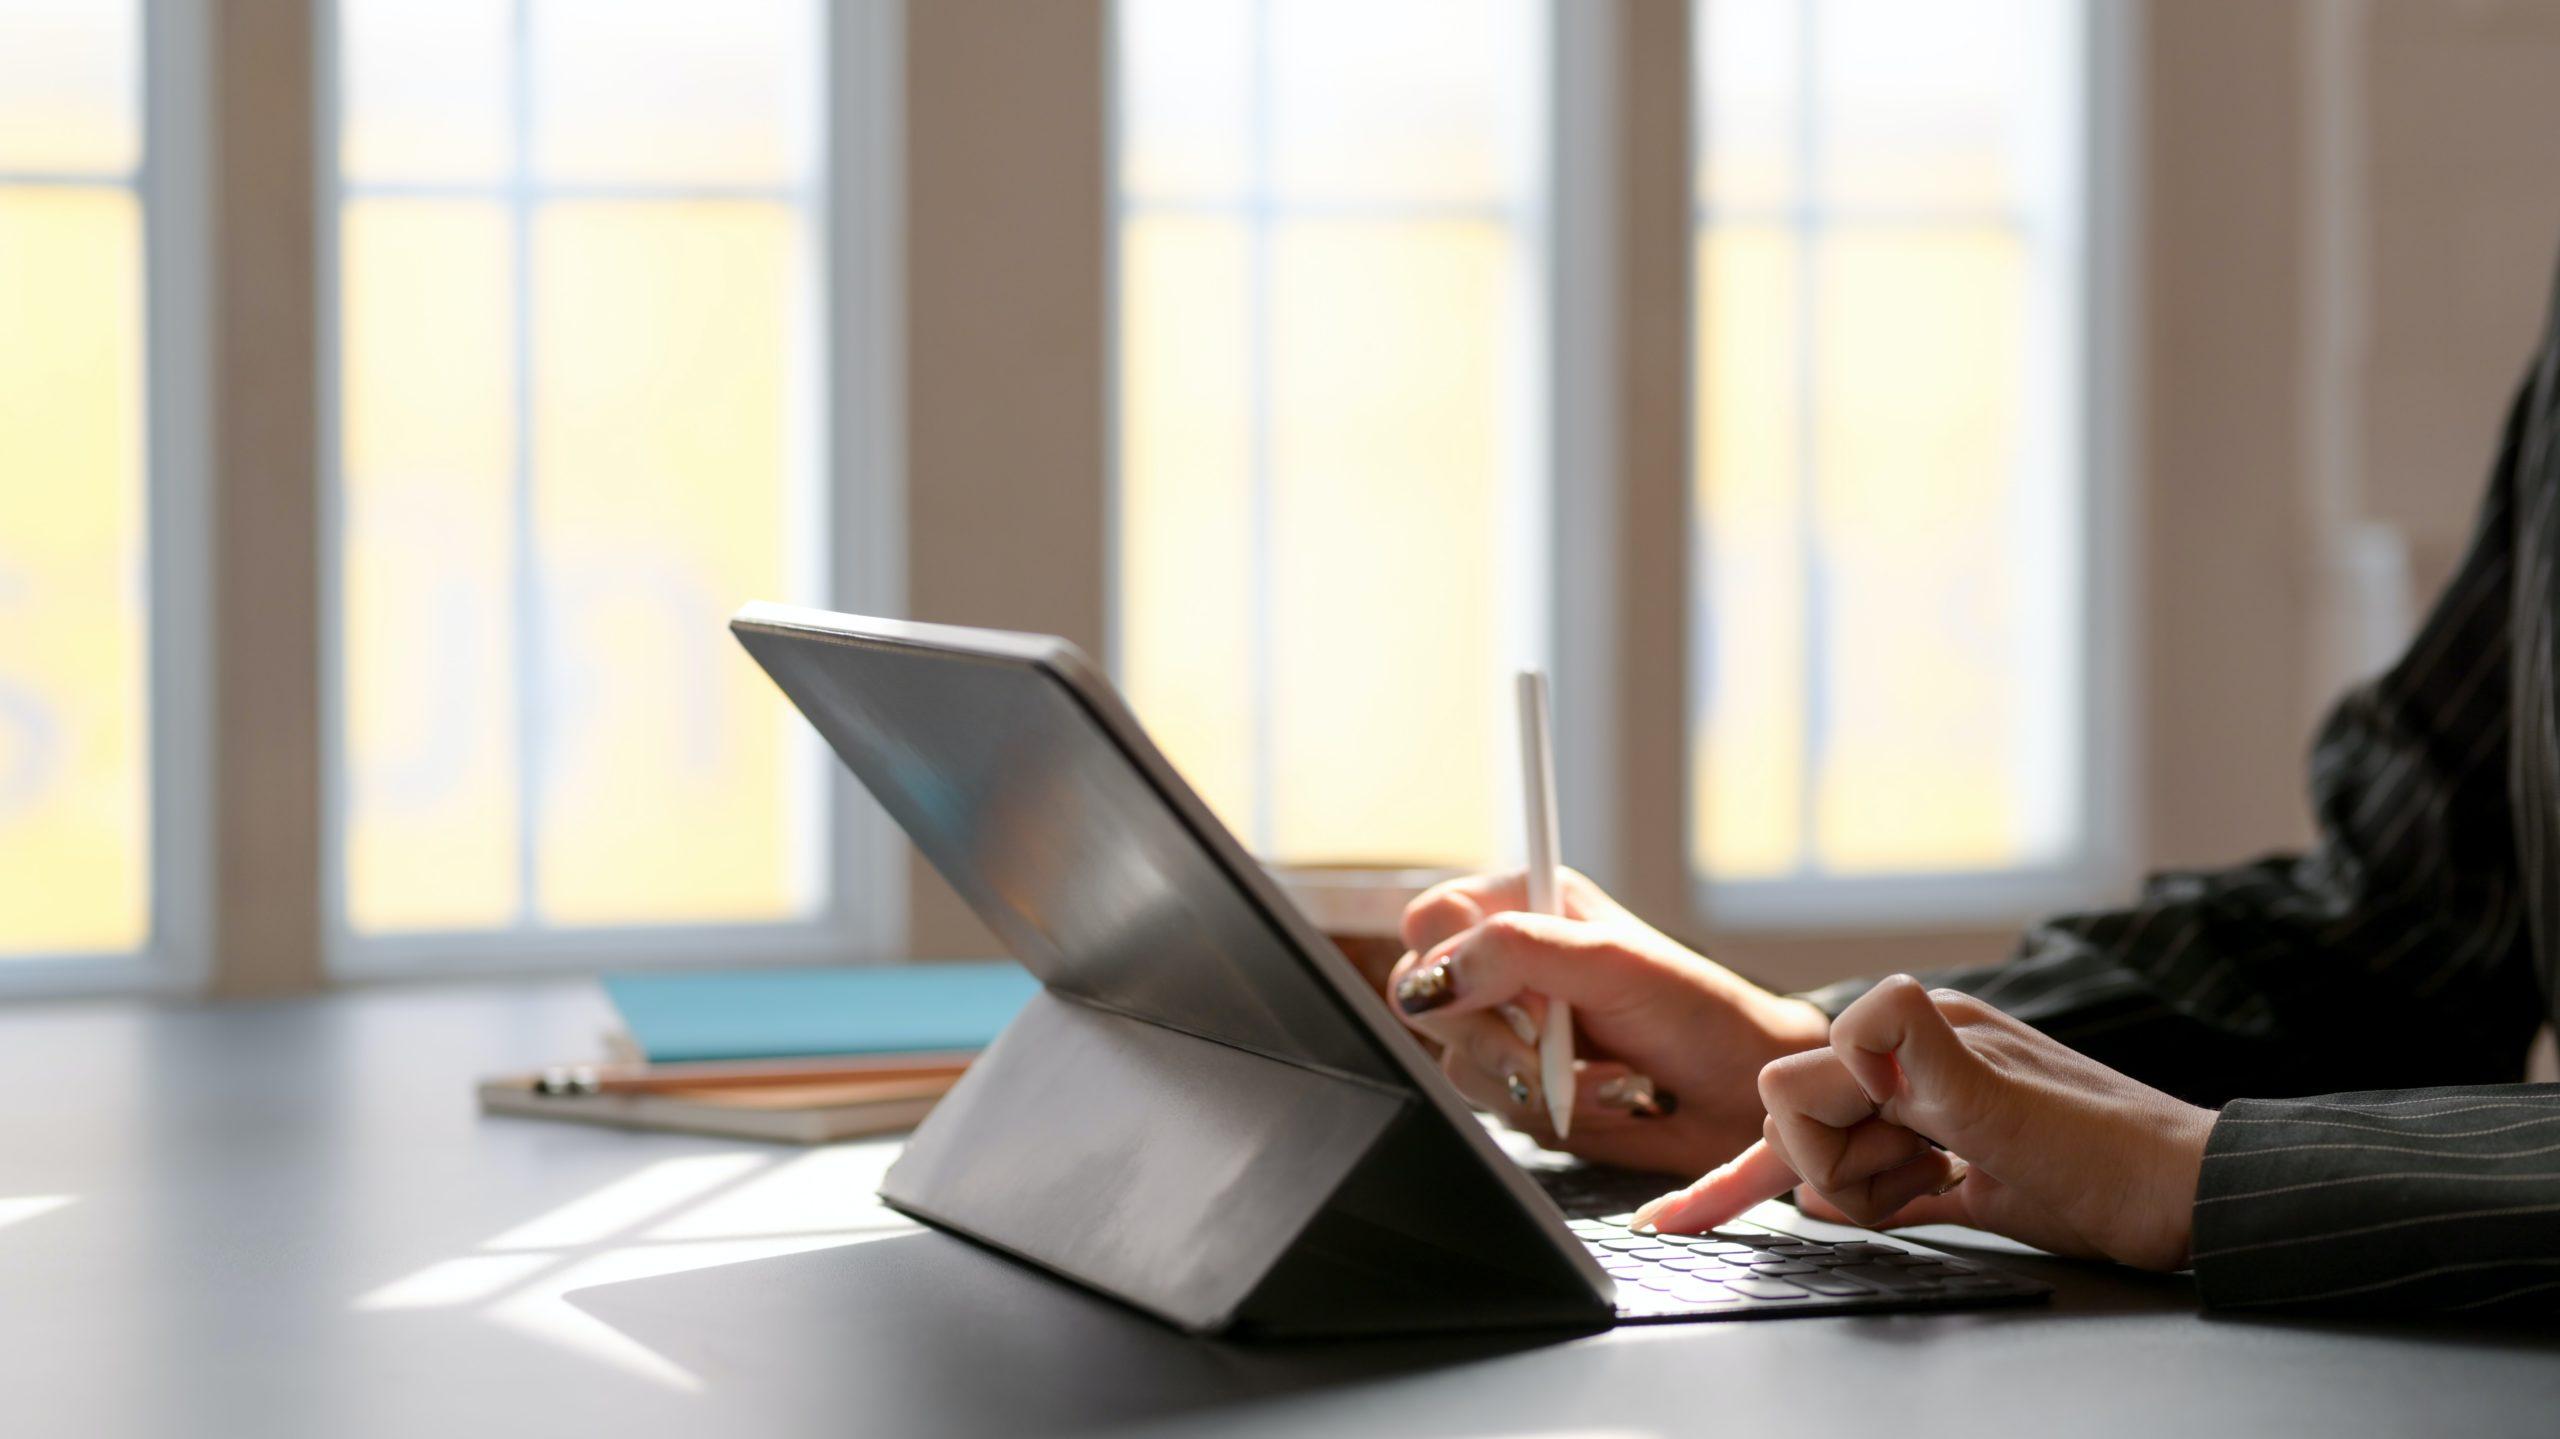 studenti-sordi-lezioni-online-accessibili